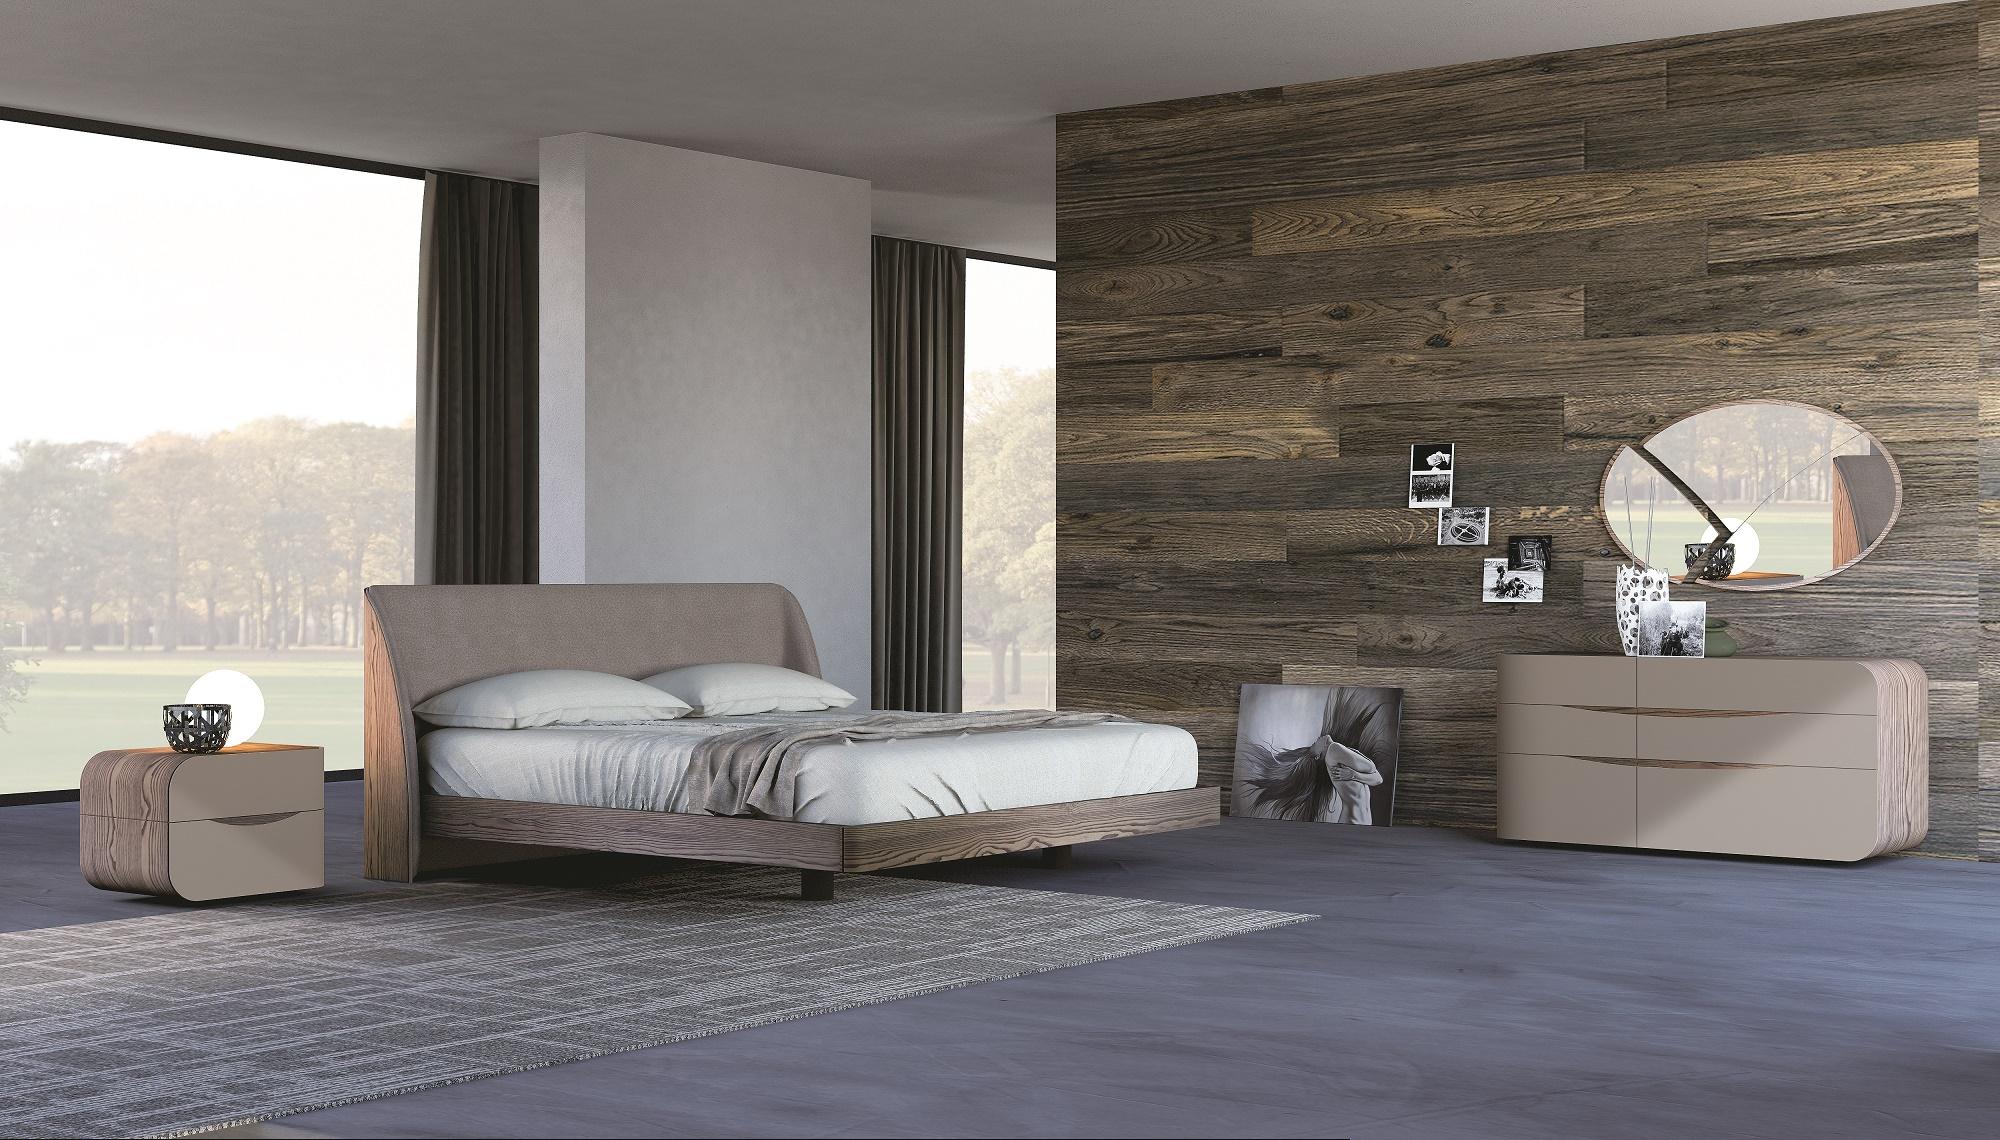 camere da letto moderne in frassino